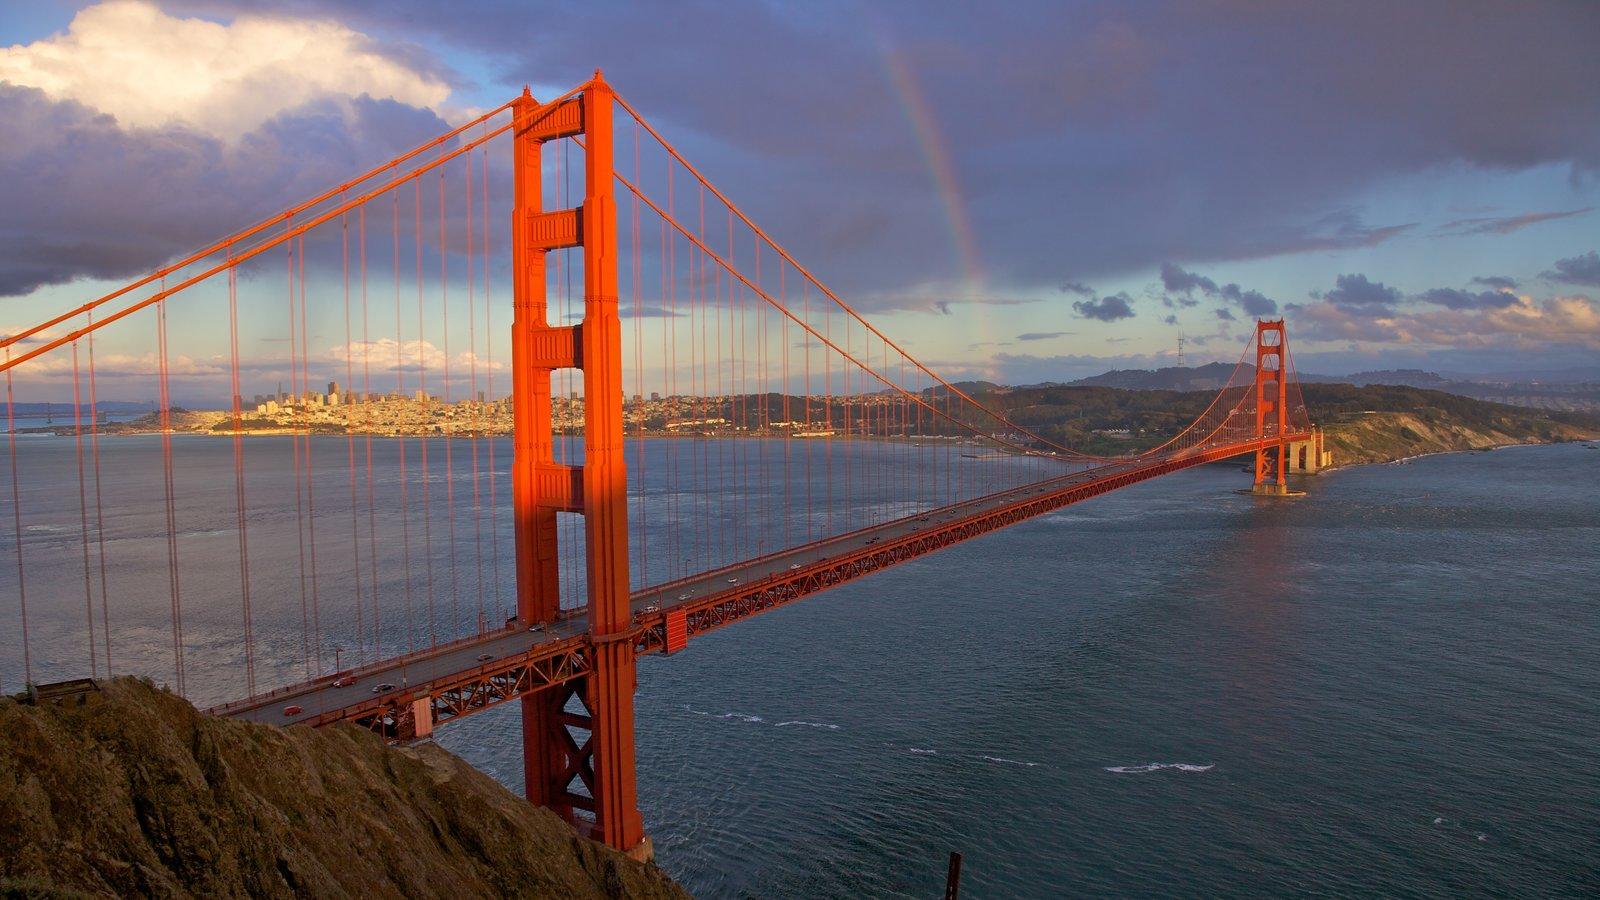 Golden Gate Bridge caracterizando uma ponte, paisagens litorâneas e paisagem